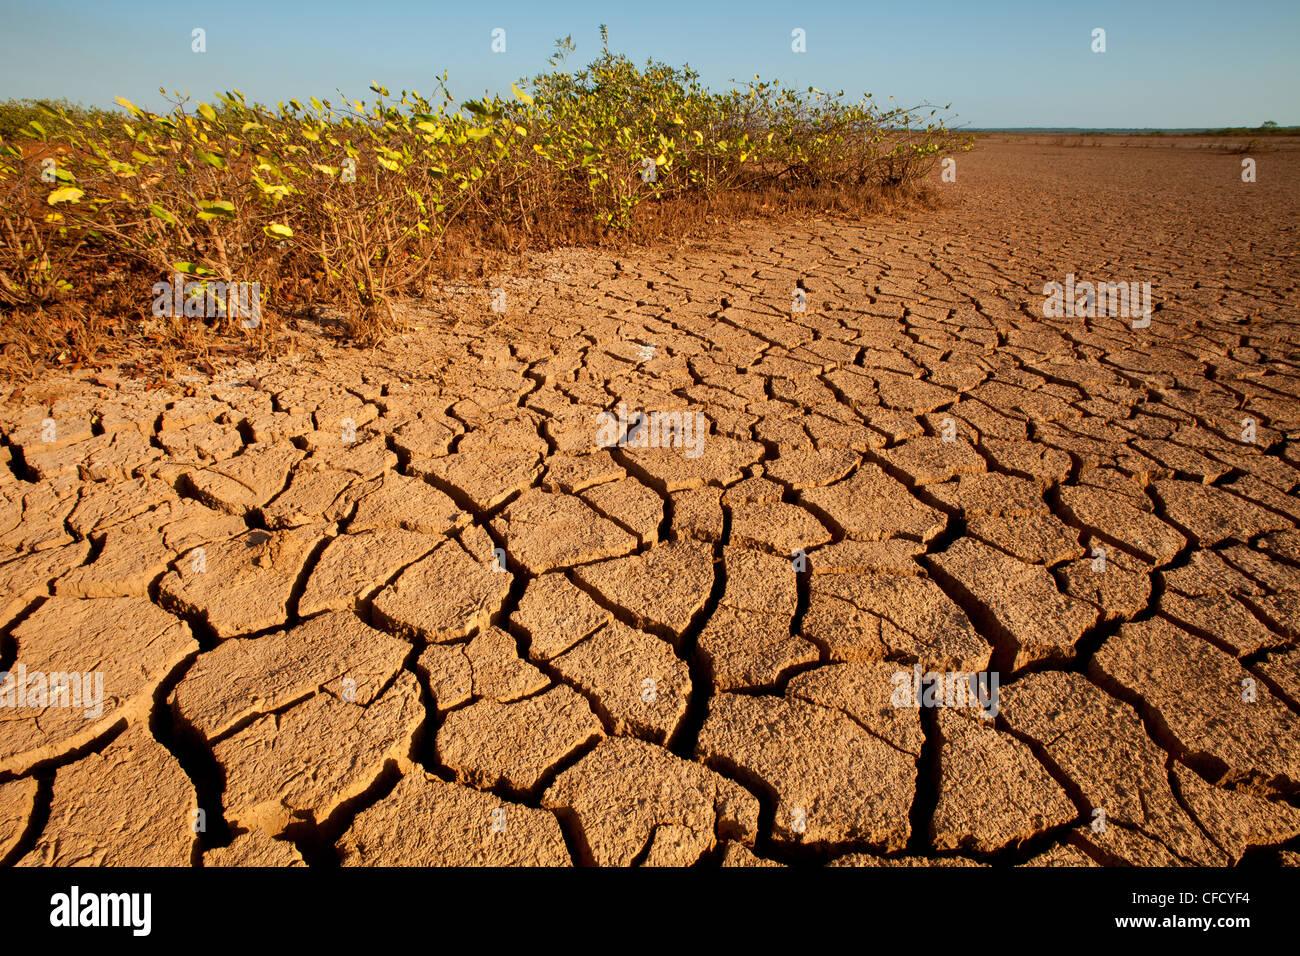 Paysage dans le parc national de Sarigua (désert) dans la province de Herrera, République du Panama. Photo Stock